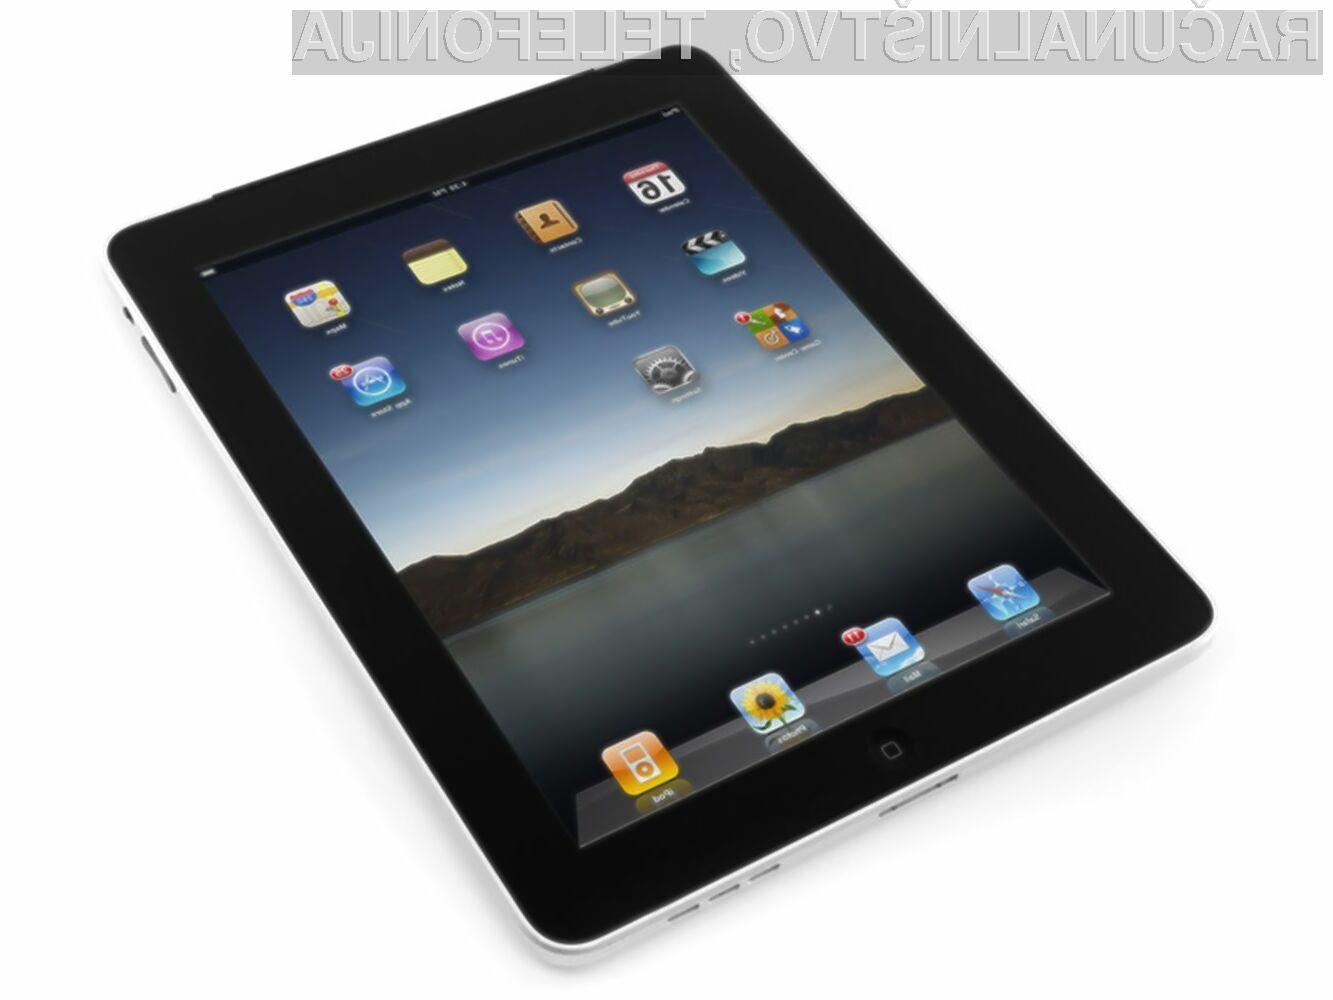 Tablični računalnik Apple iPad se je izkazal za veliko prodajno uspešnico!